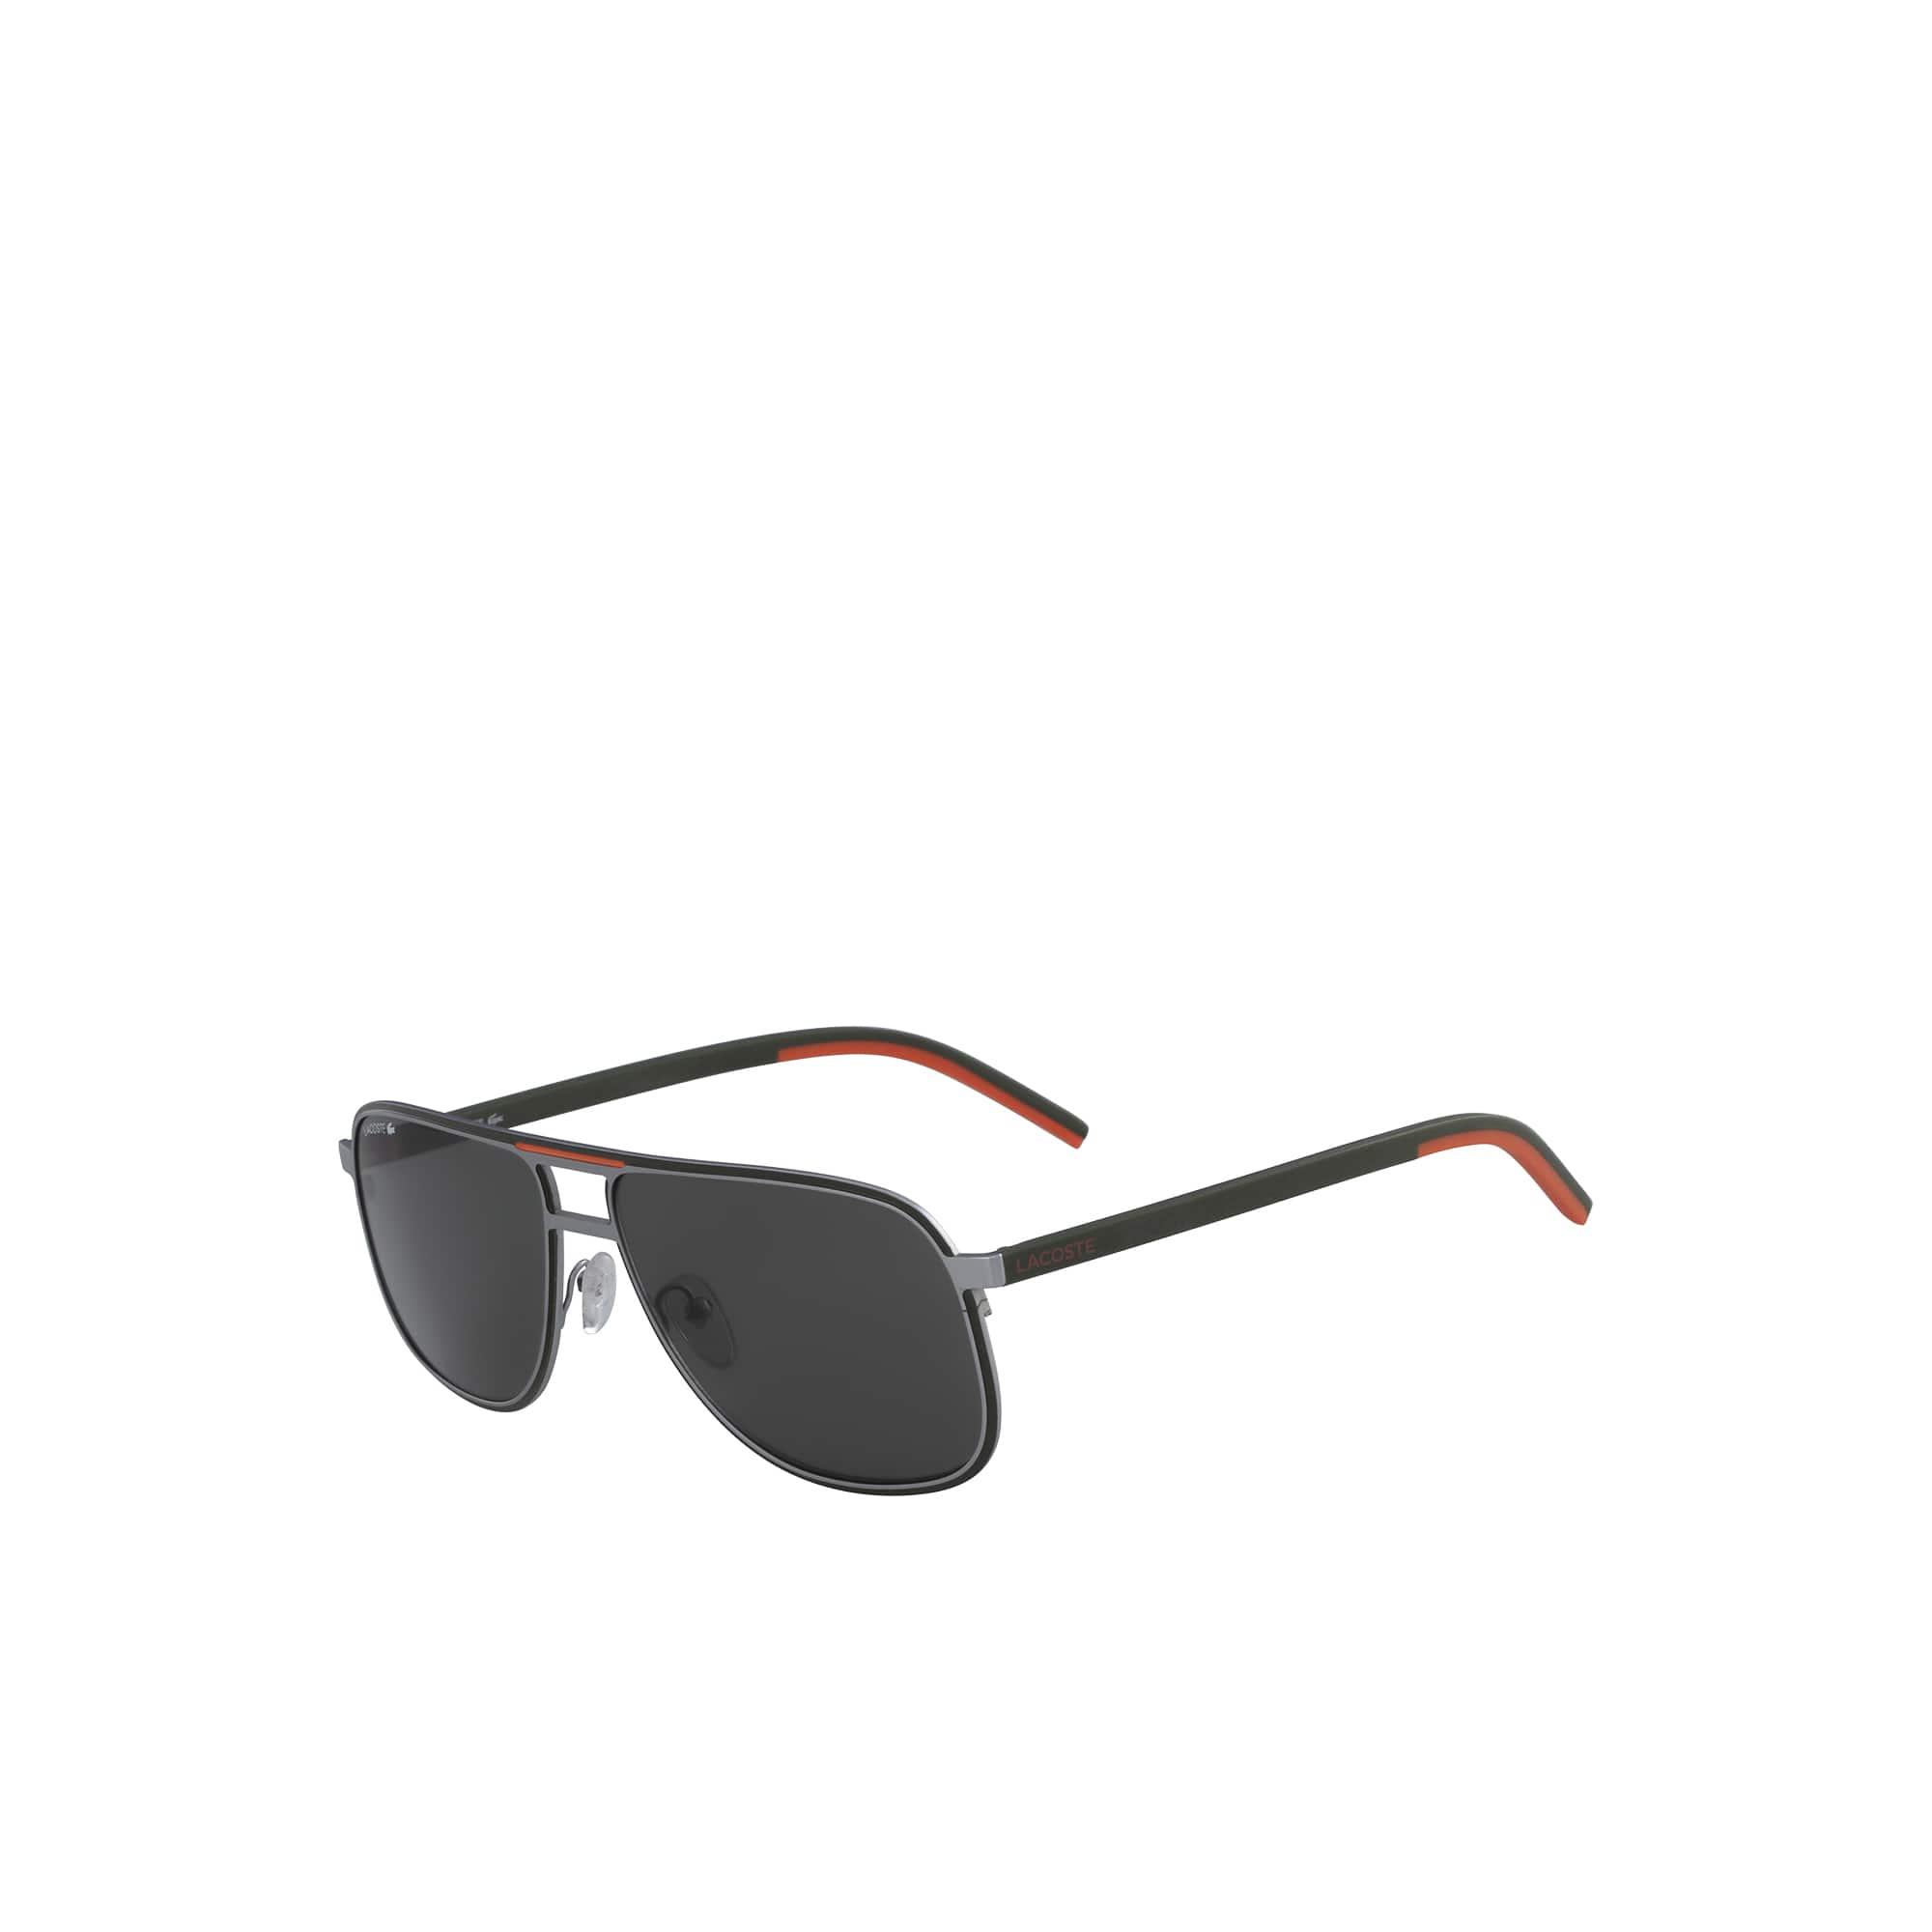 Herren-Sonnenbrille mit Streifen und Paspel